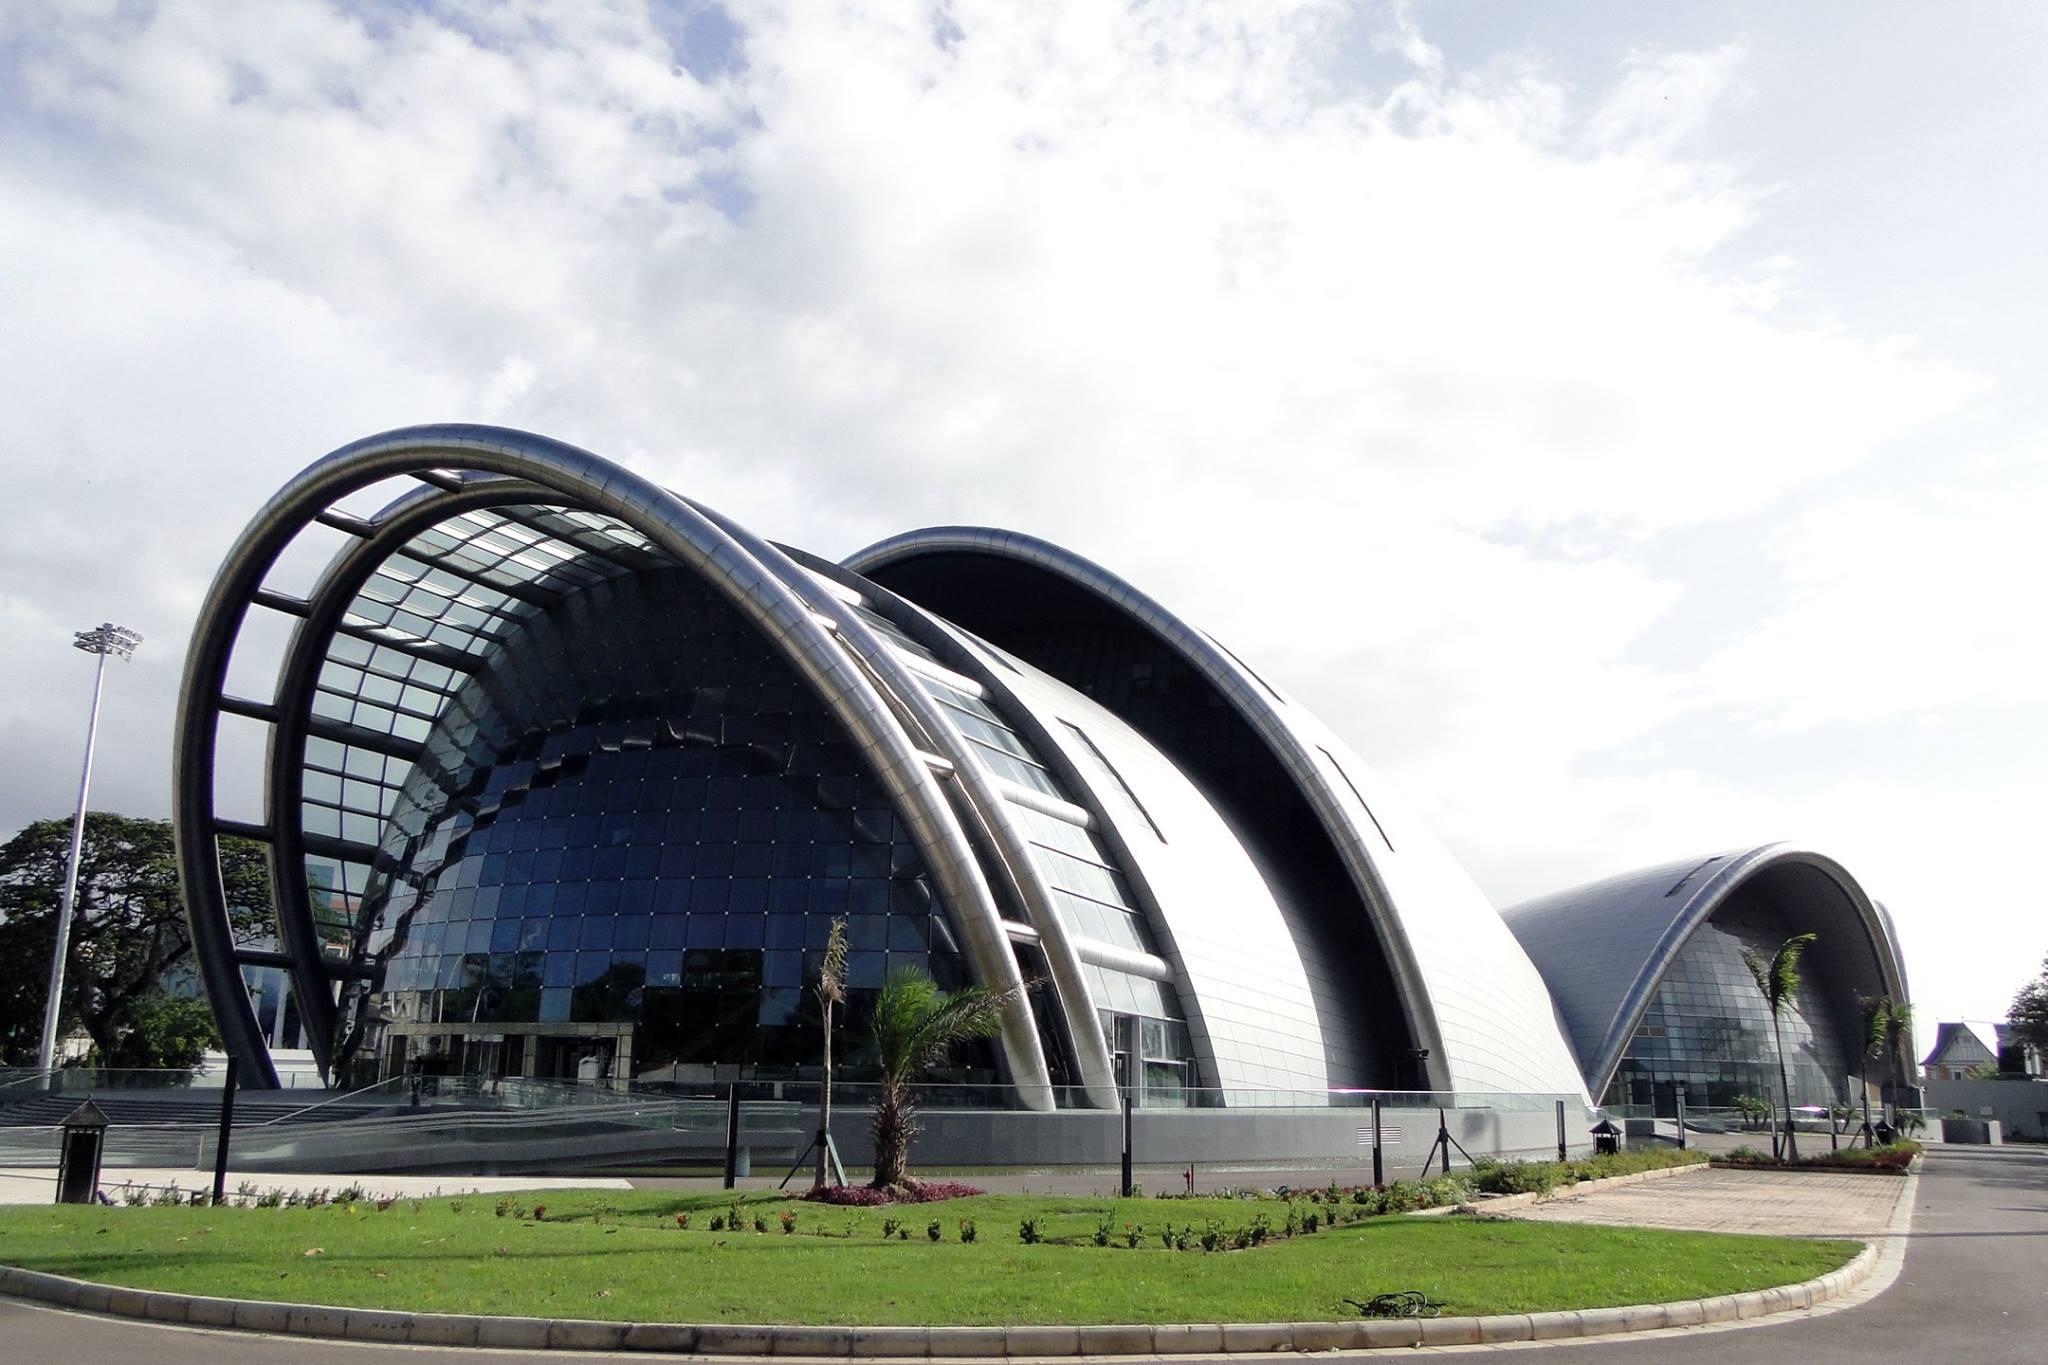 Sportworld Classic Invitational wordt vandaag gehouden in het nieuwe NAPA-gebouw (zie foto) in Port of Spain, Trinidad & Tobago.